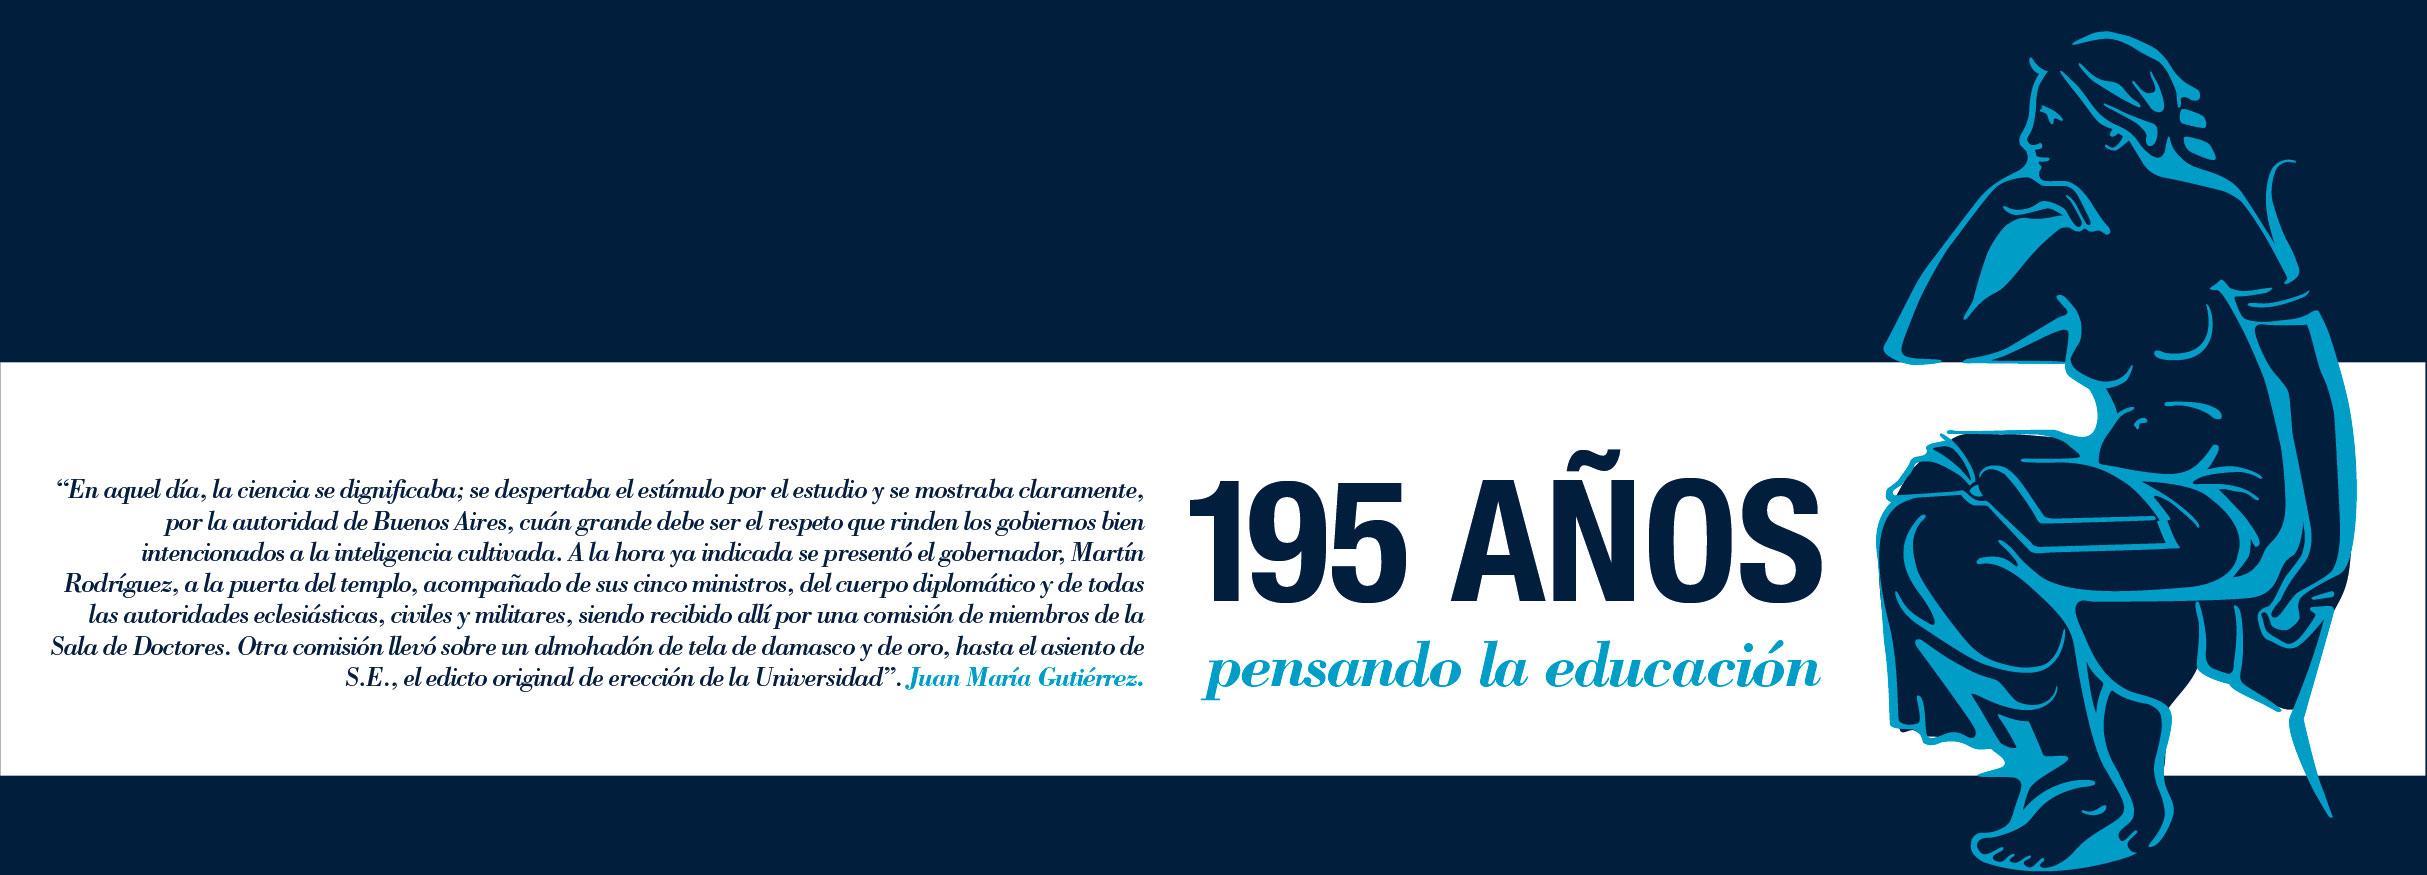 Imagen de la noticia La UBA celebra su 195º aniversario